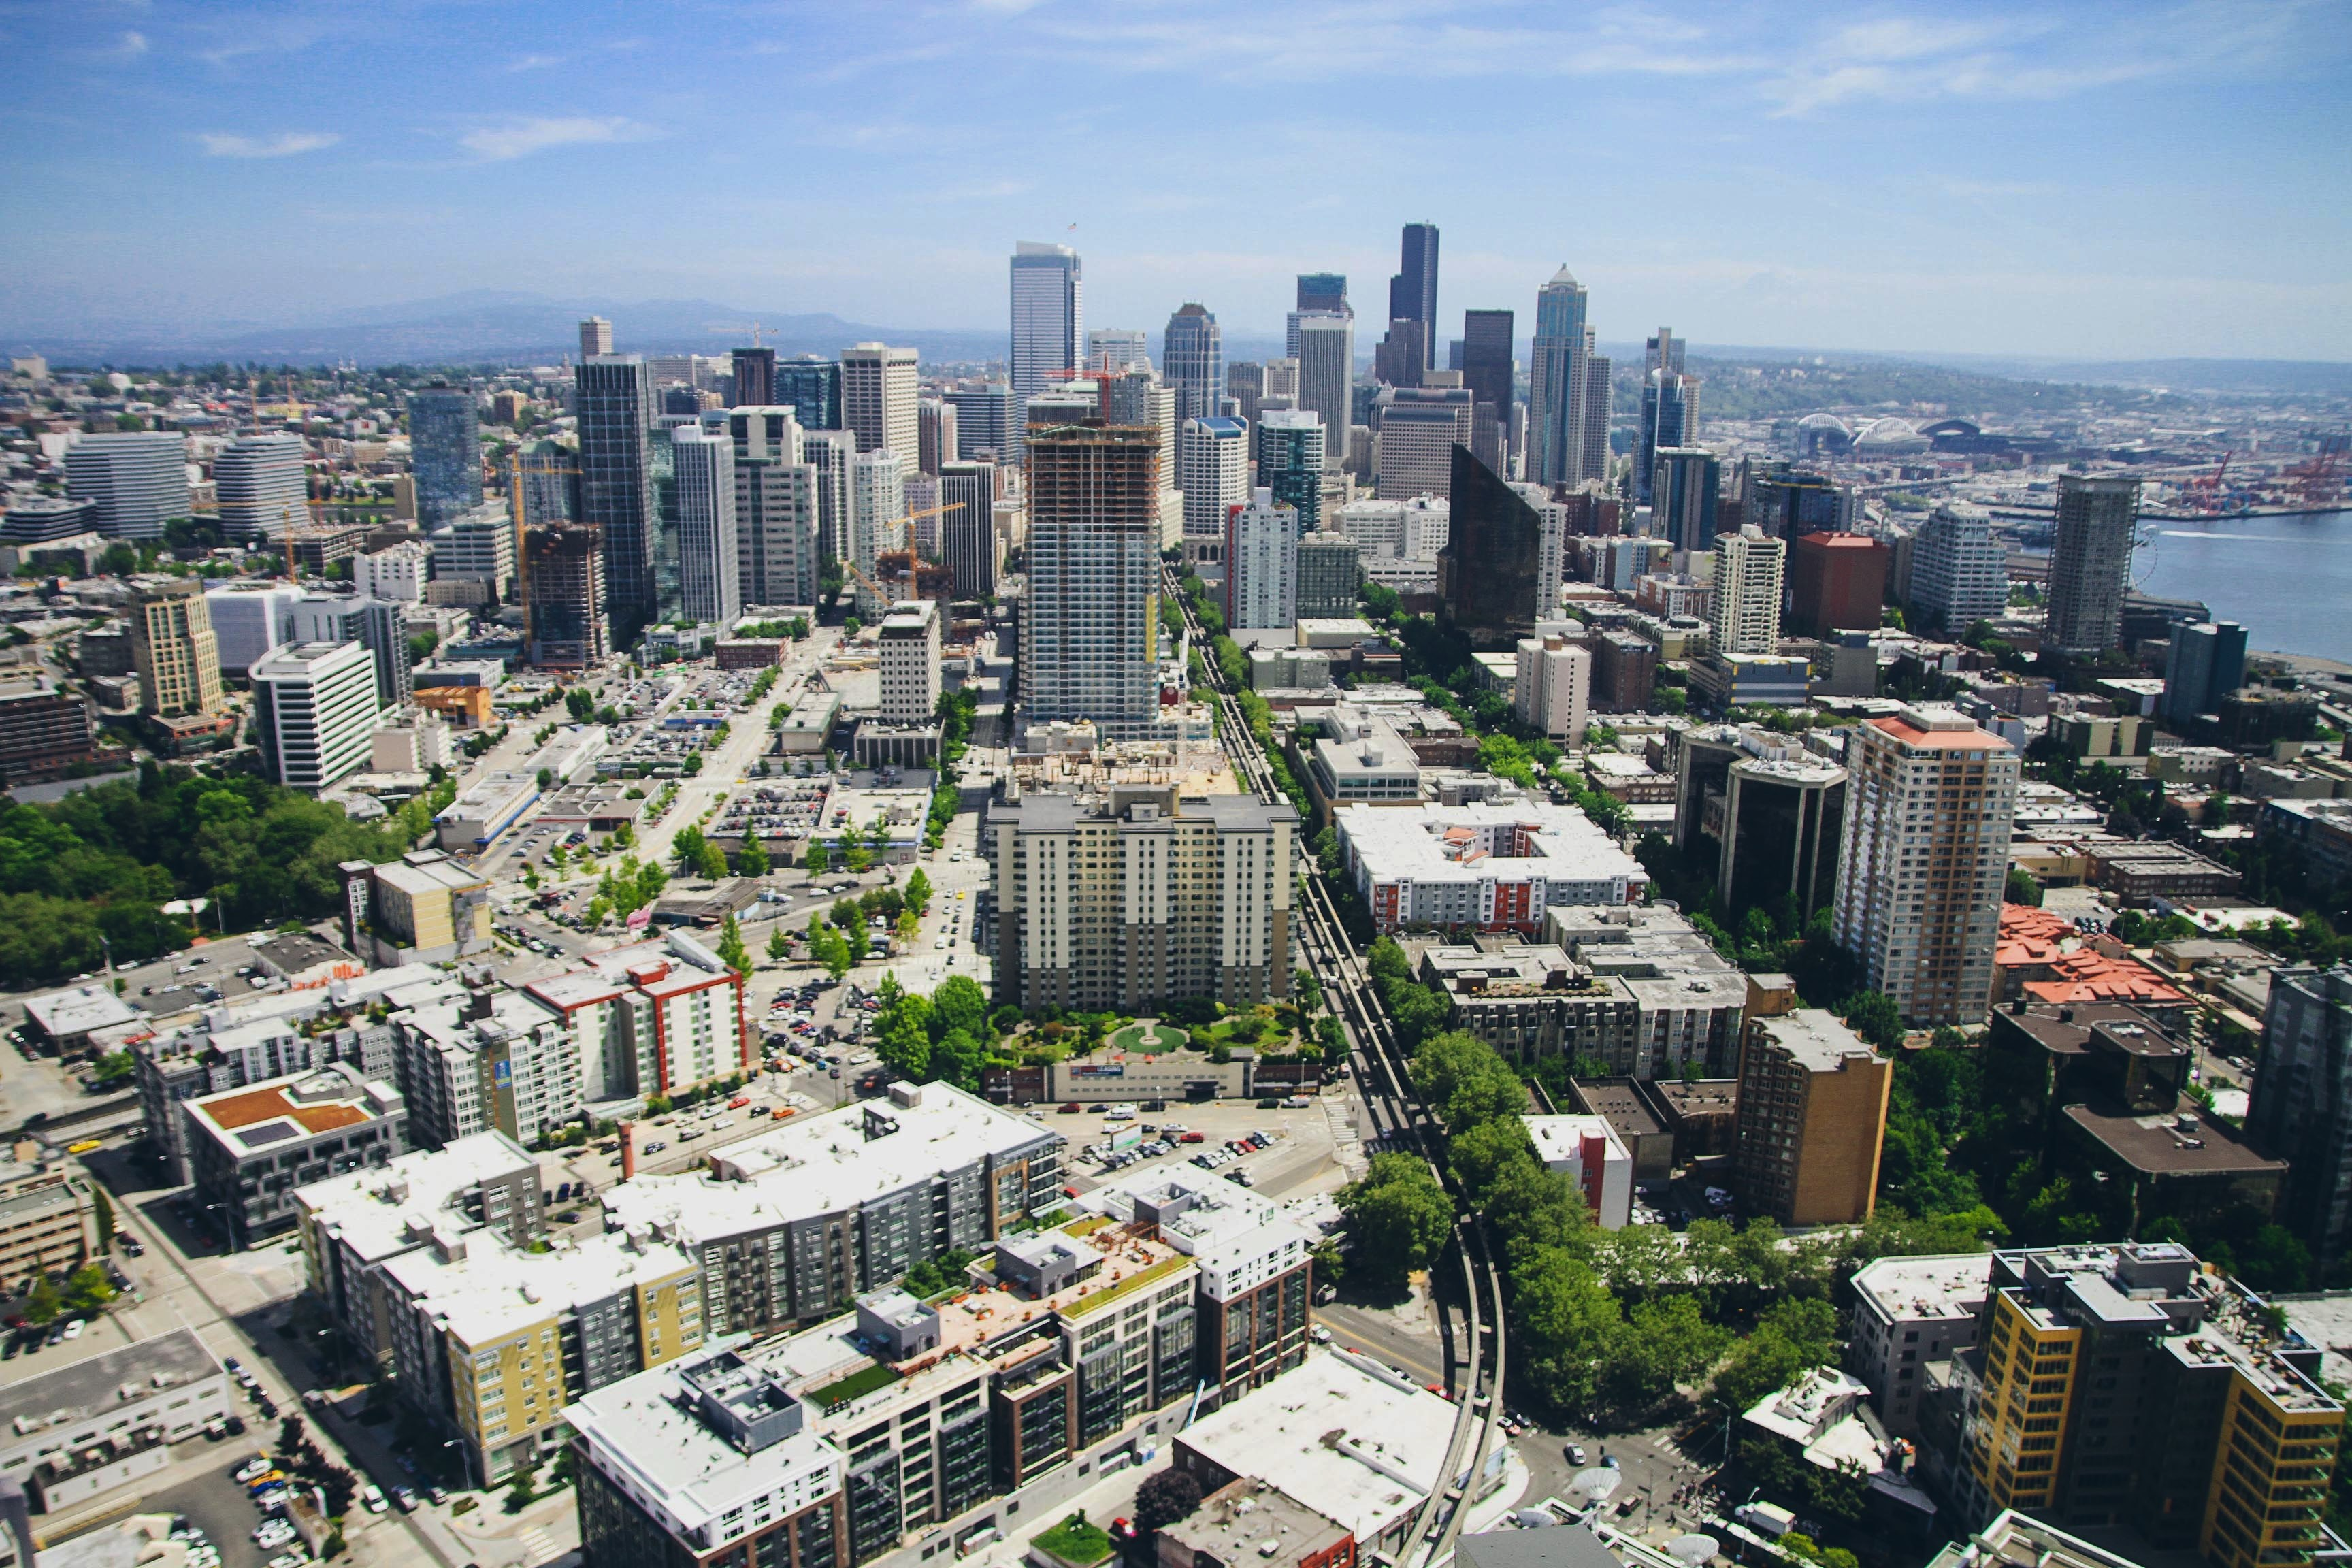 Ciudades serán fundamentales para la recuperación global del COVID-19: ONU-Habitat